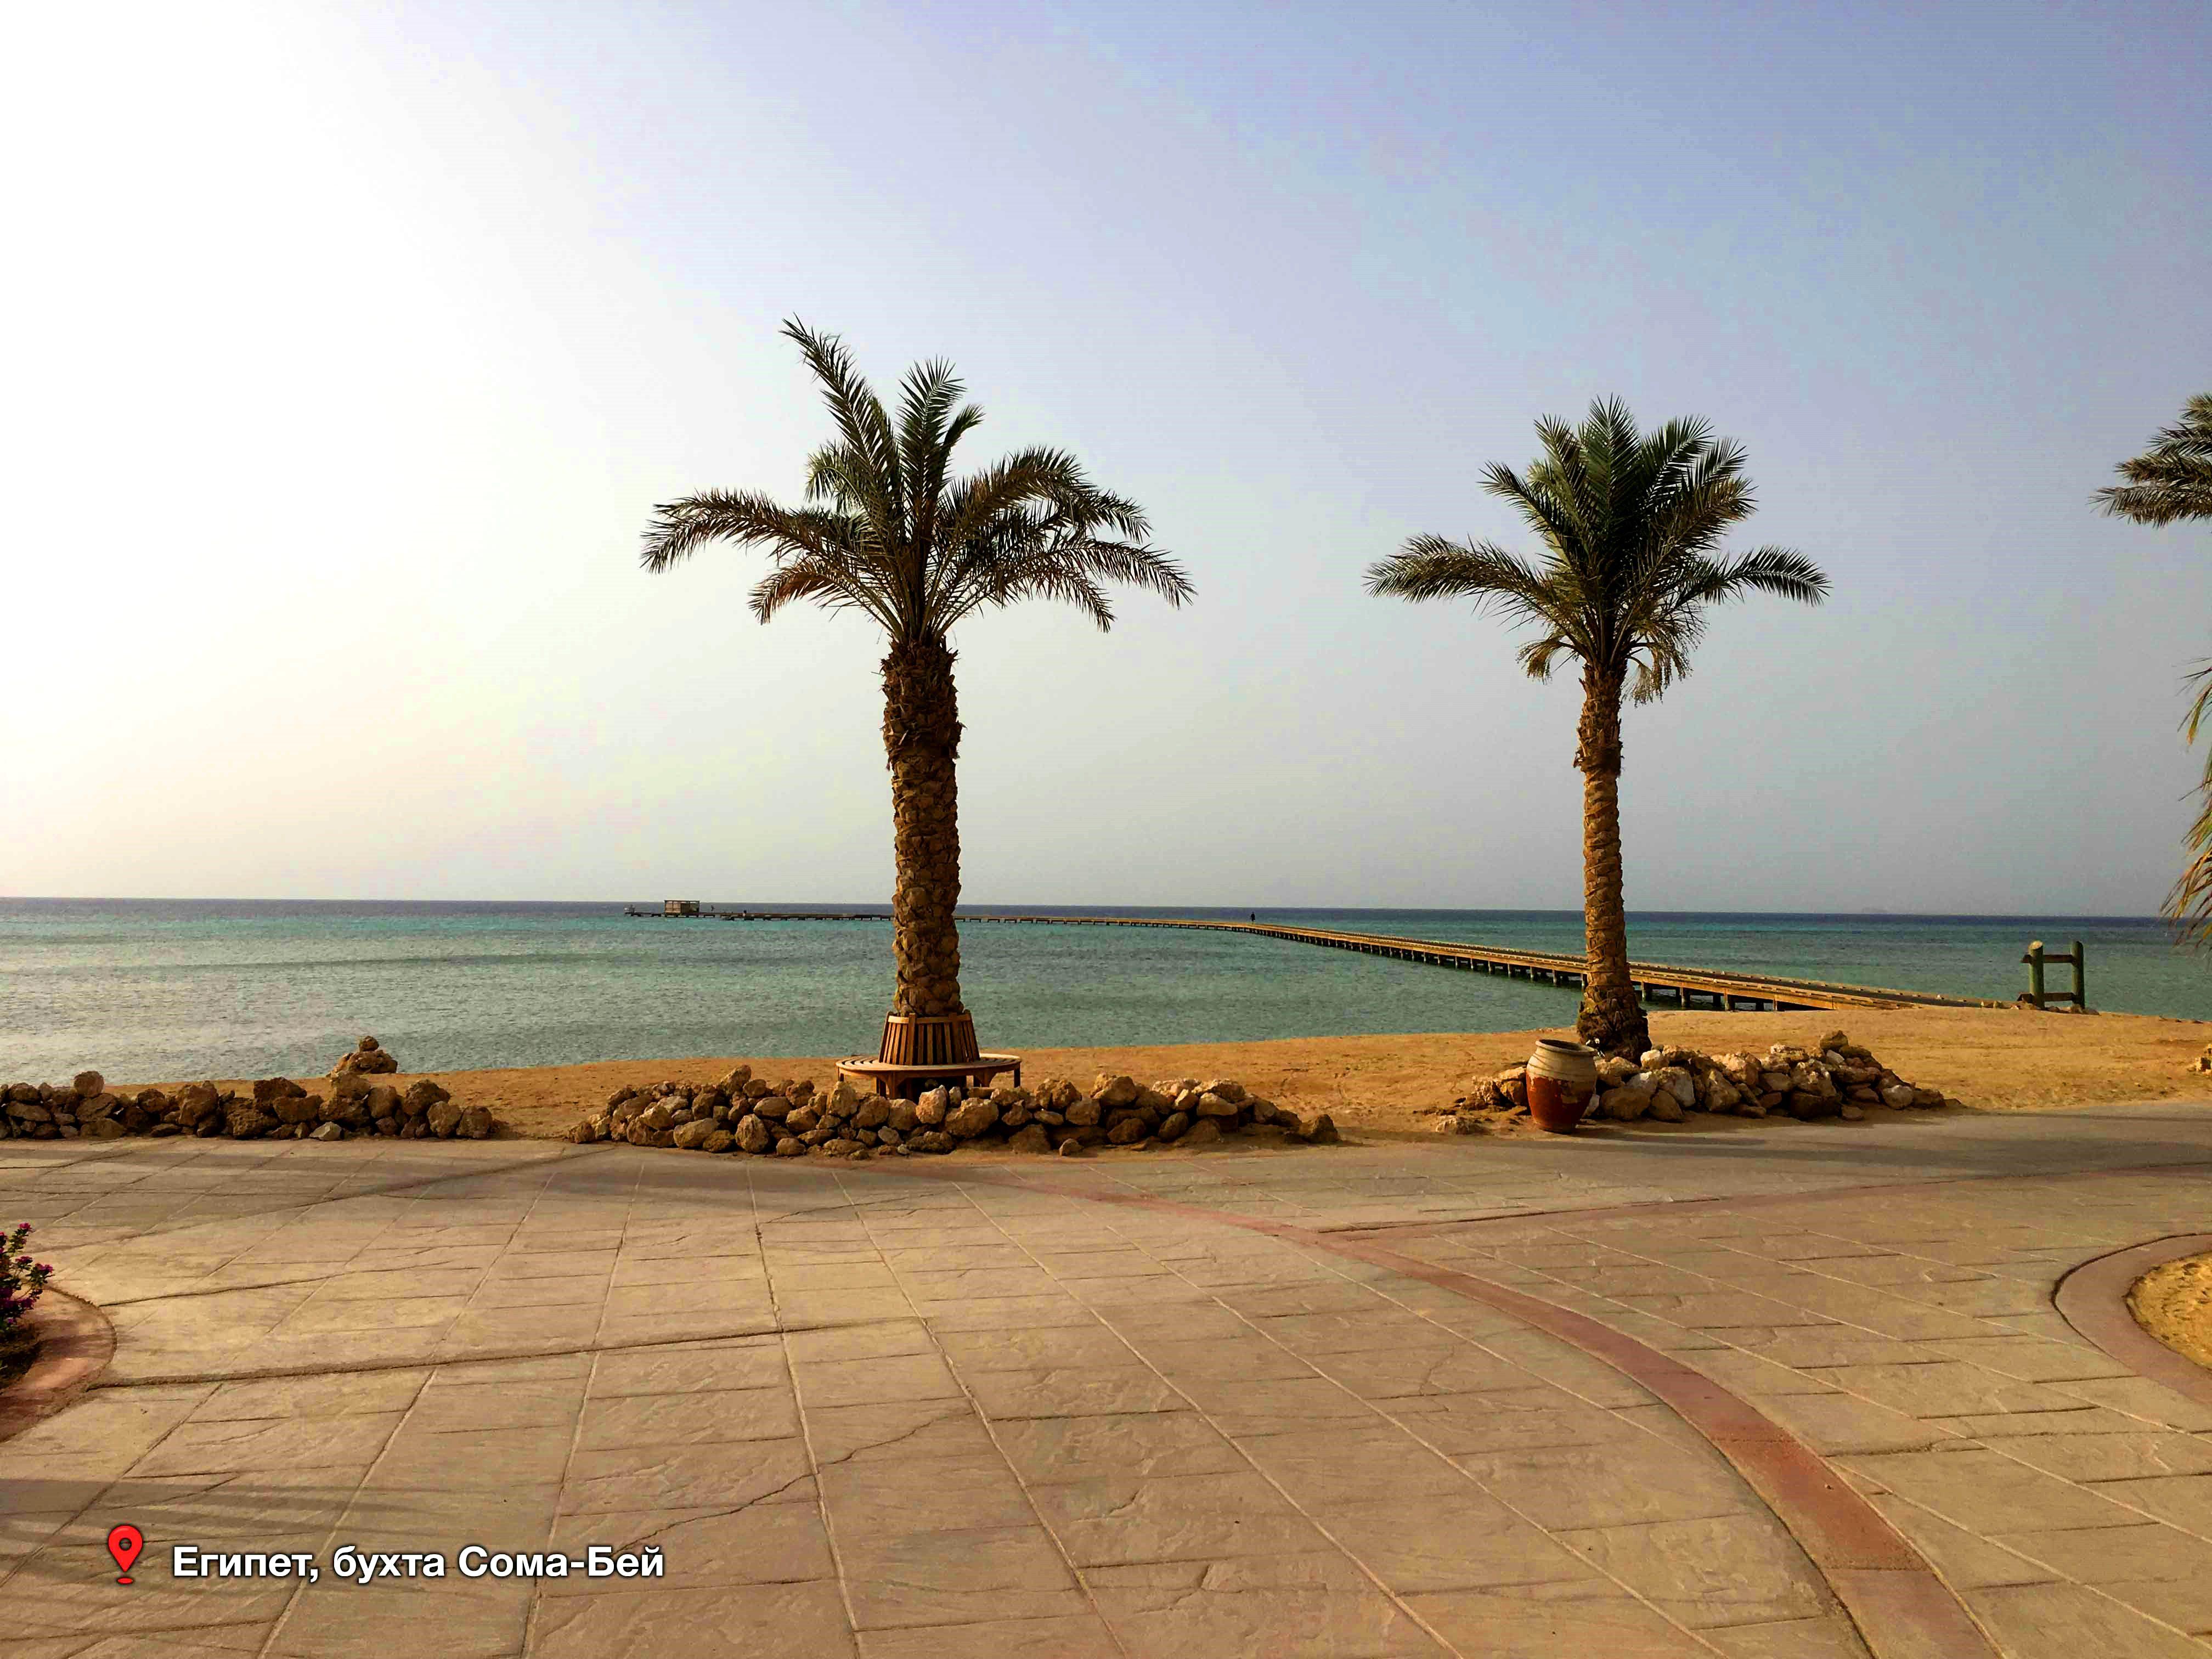 Отдых в апреле в Египте, бухта Сома-Бэй, Красное море.